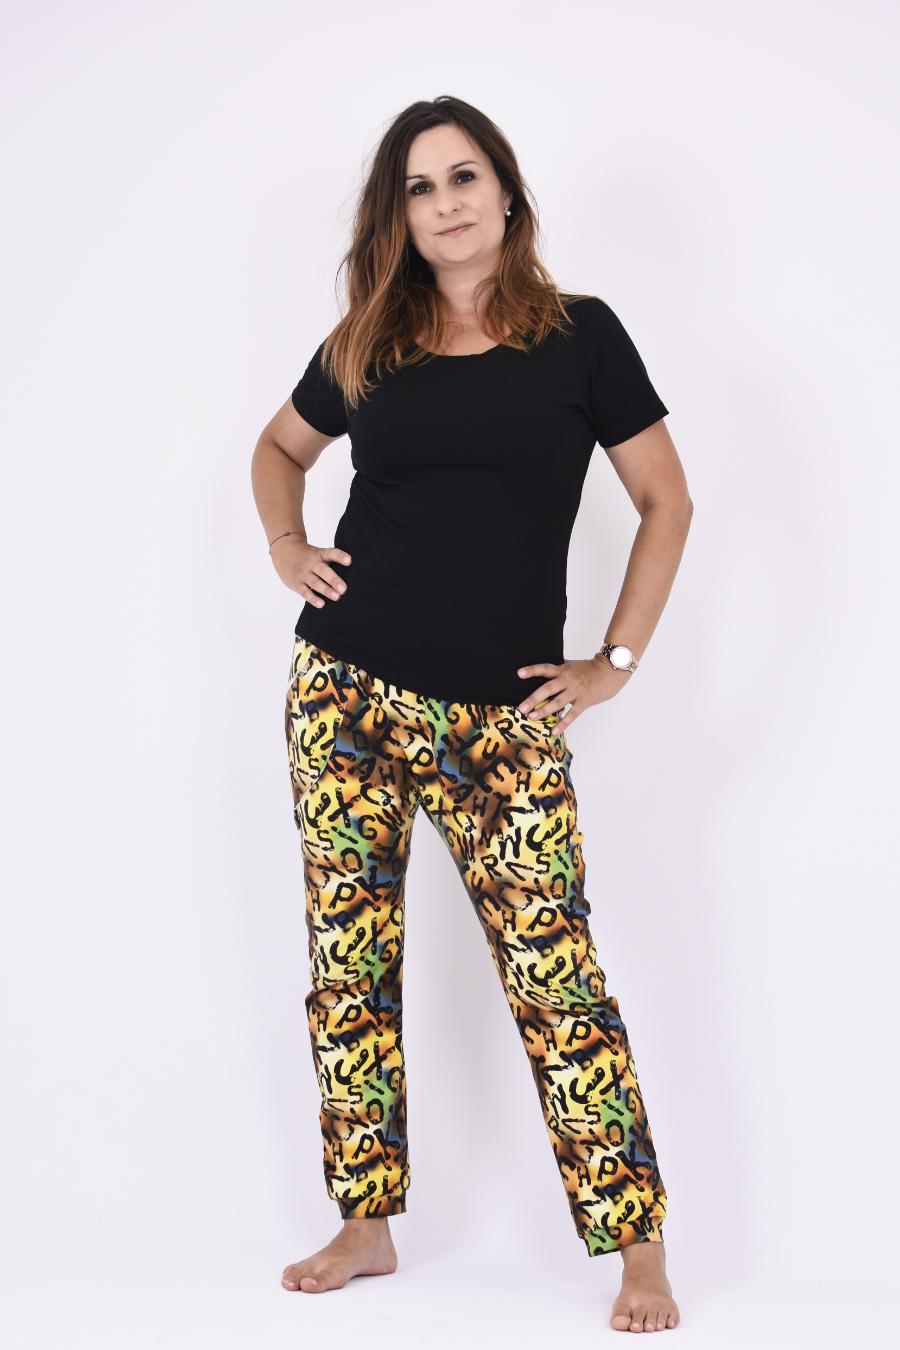 Cípatá puntíkatá sukně, barevné crazy kalhoty??...JÁ?